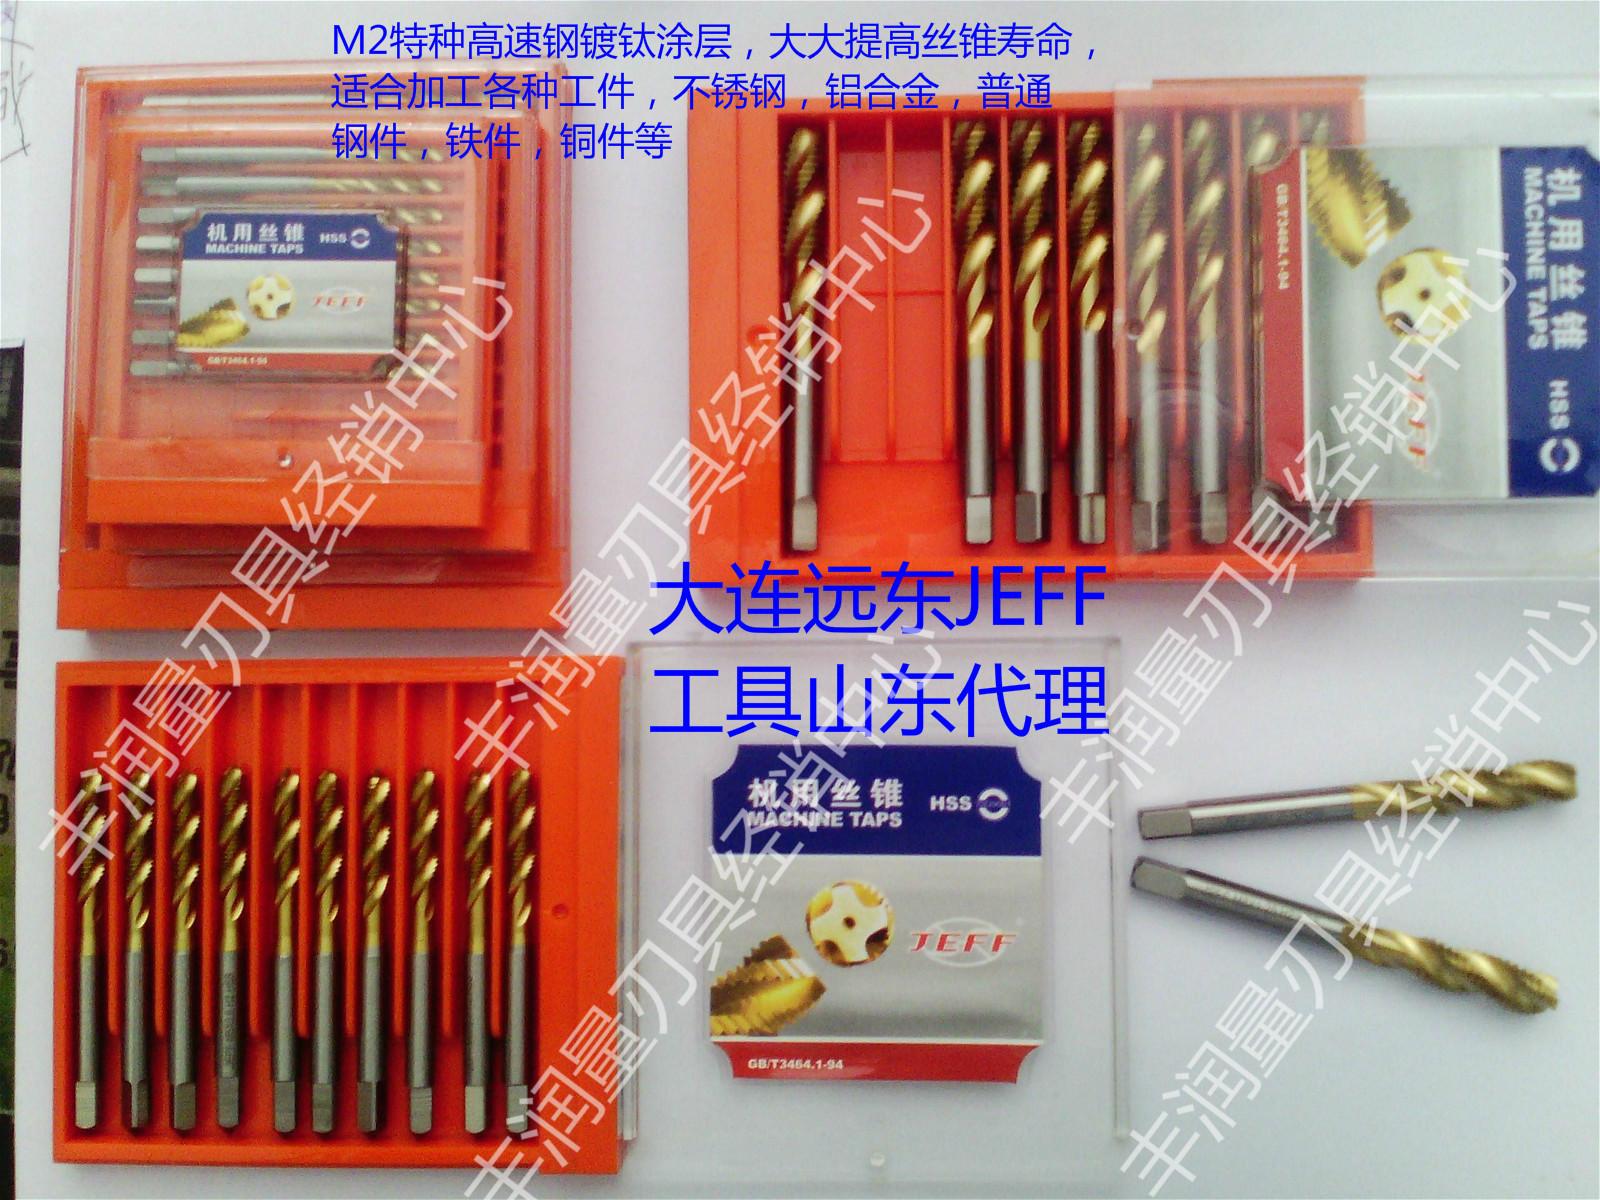 大连远东螺旋槽镀钛涂层丝锥丝攻M12*1.75,M14*2,M16*2,M12*1.5